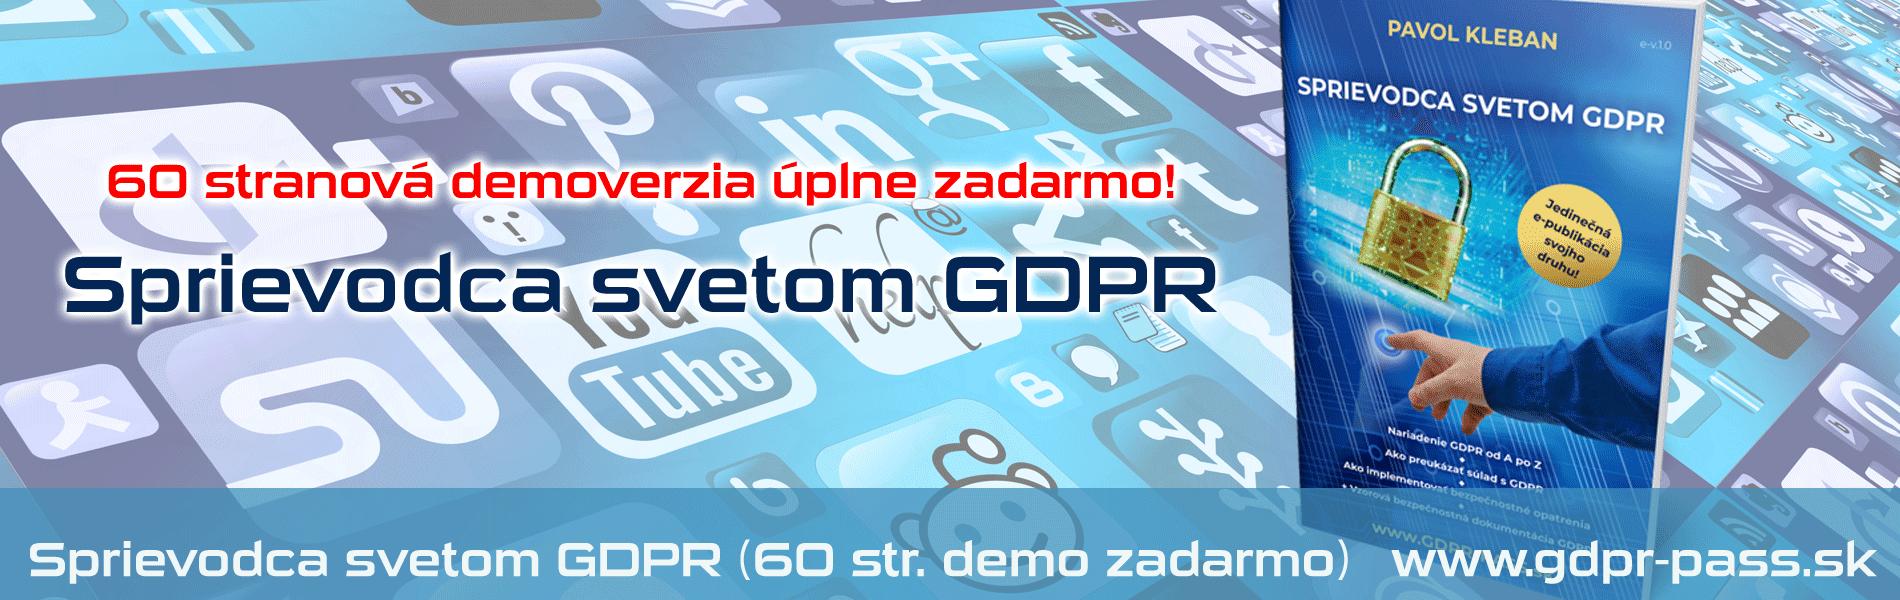 Sprievodca svetom GDPR | GDPR-PASS.sk